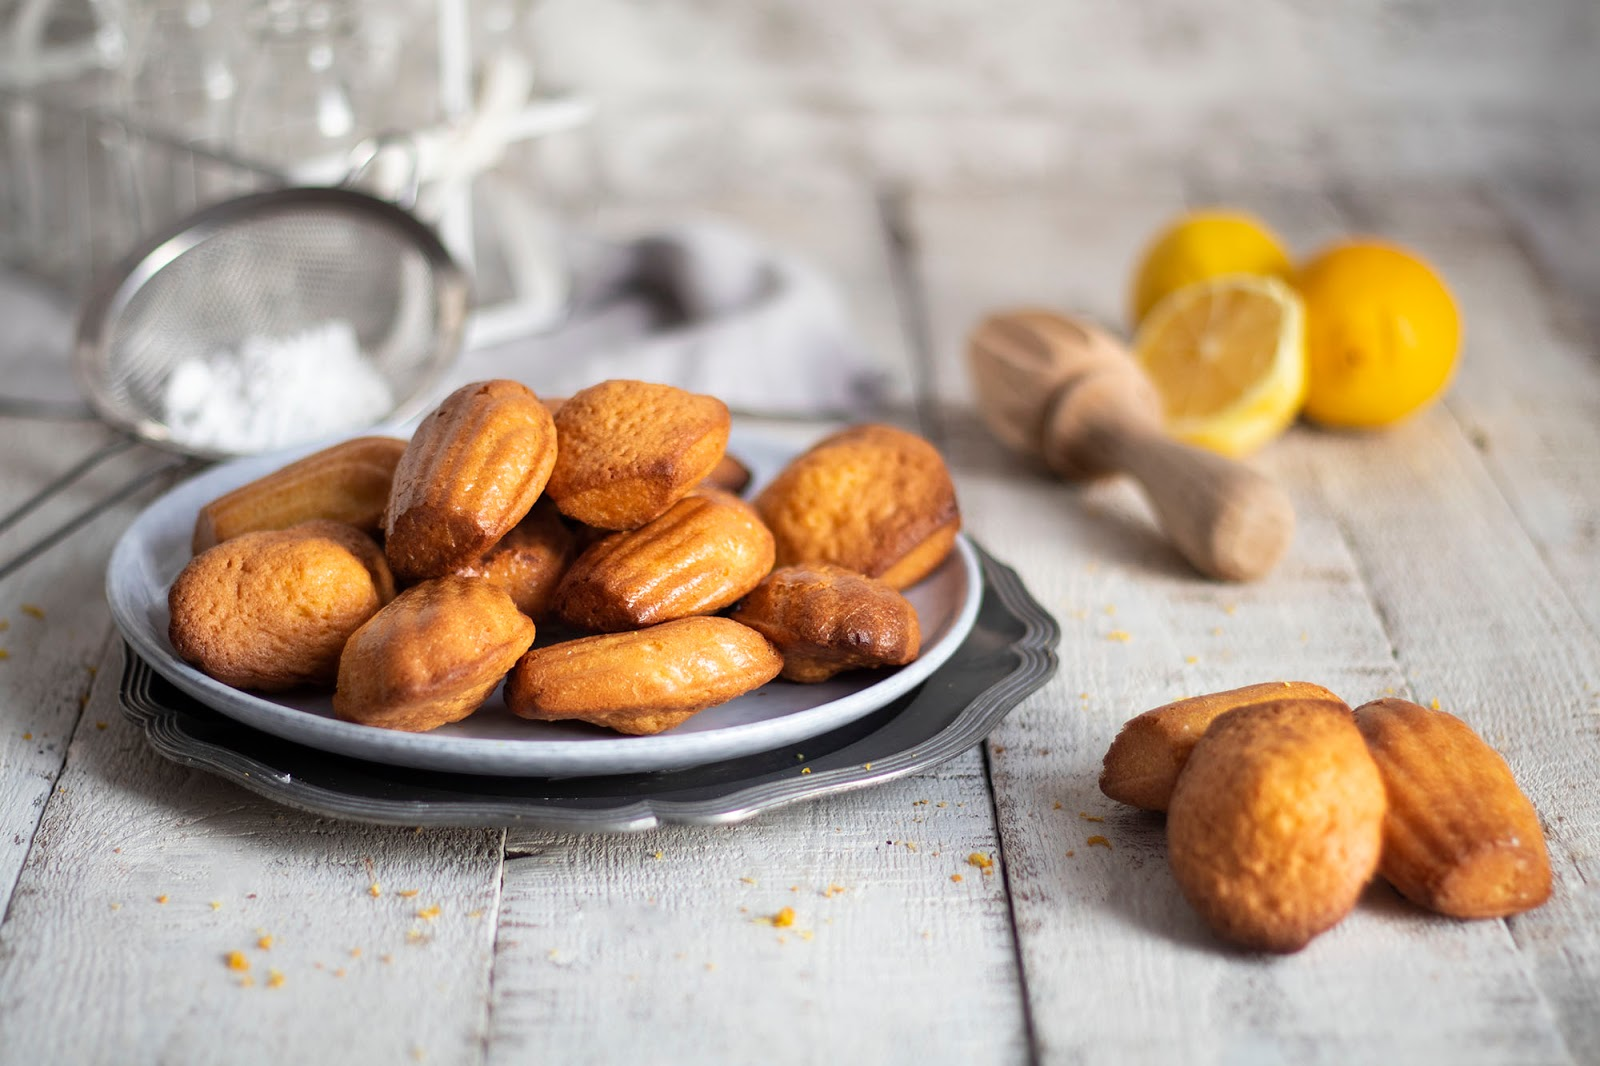 Recette de madeleines au citron